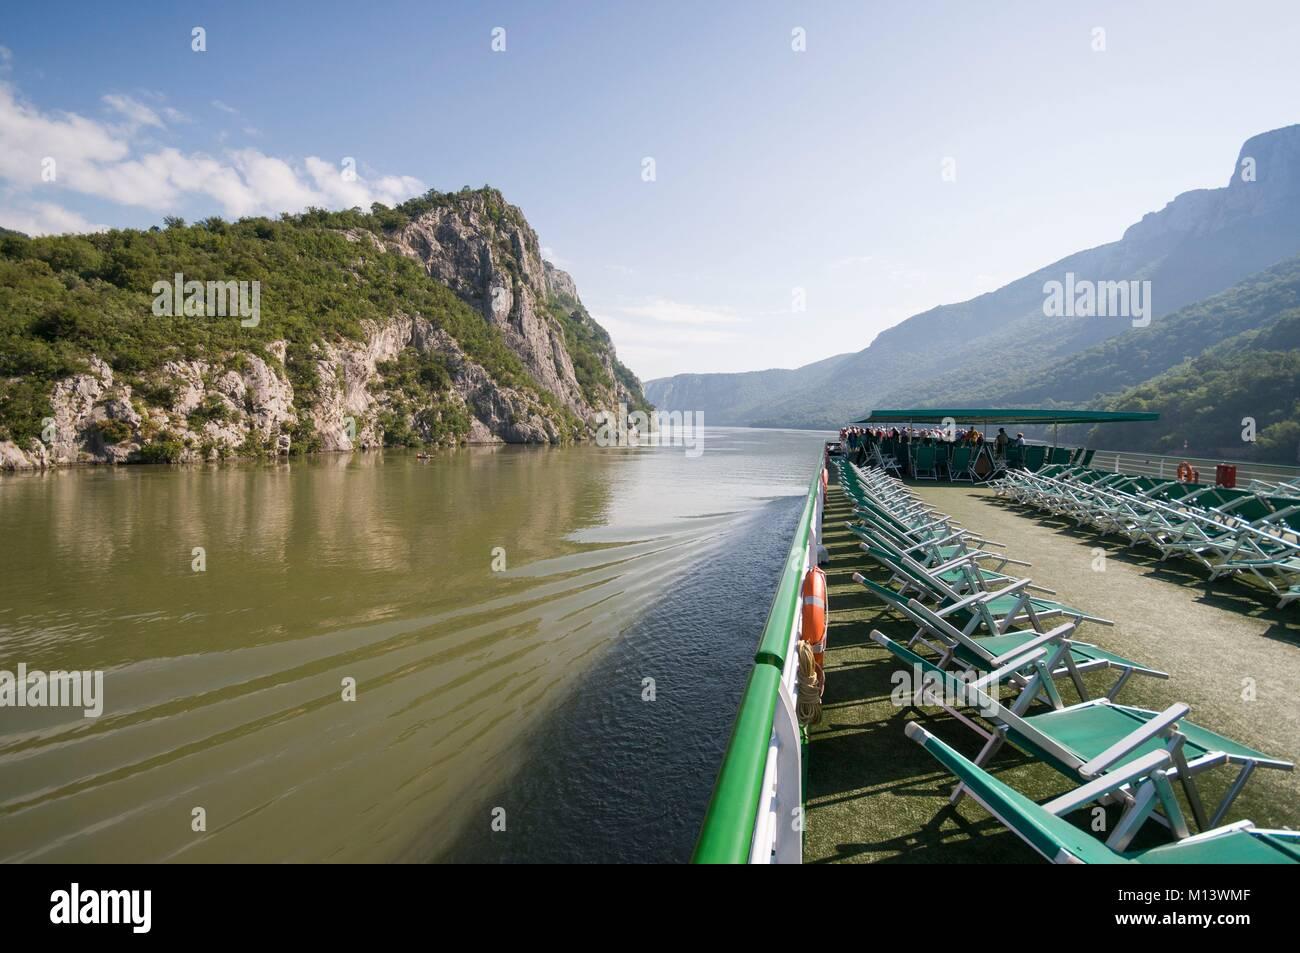 Romania, Iron Gates, Cruise on the Danube, Upper Deck, Left Romania, Right Serbia - Stock Image